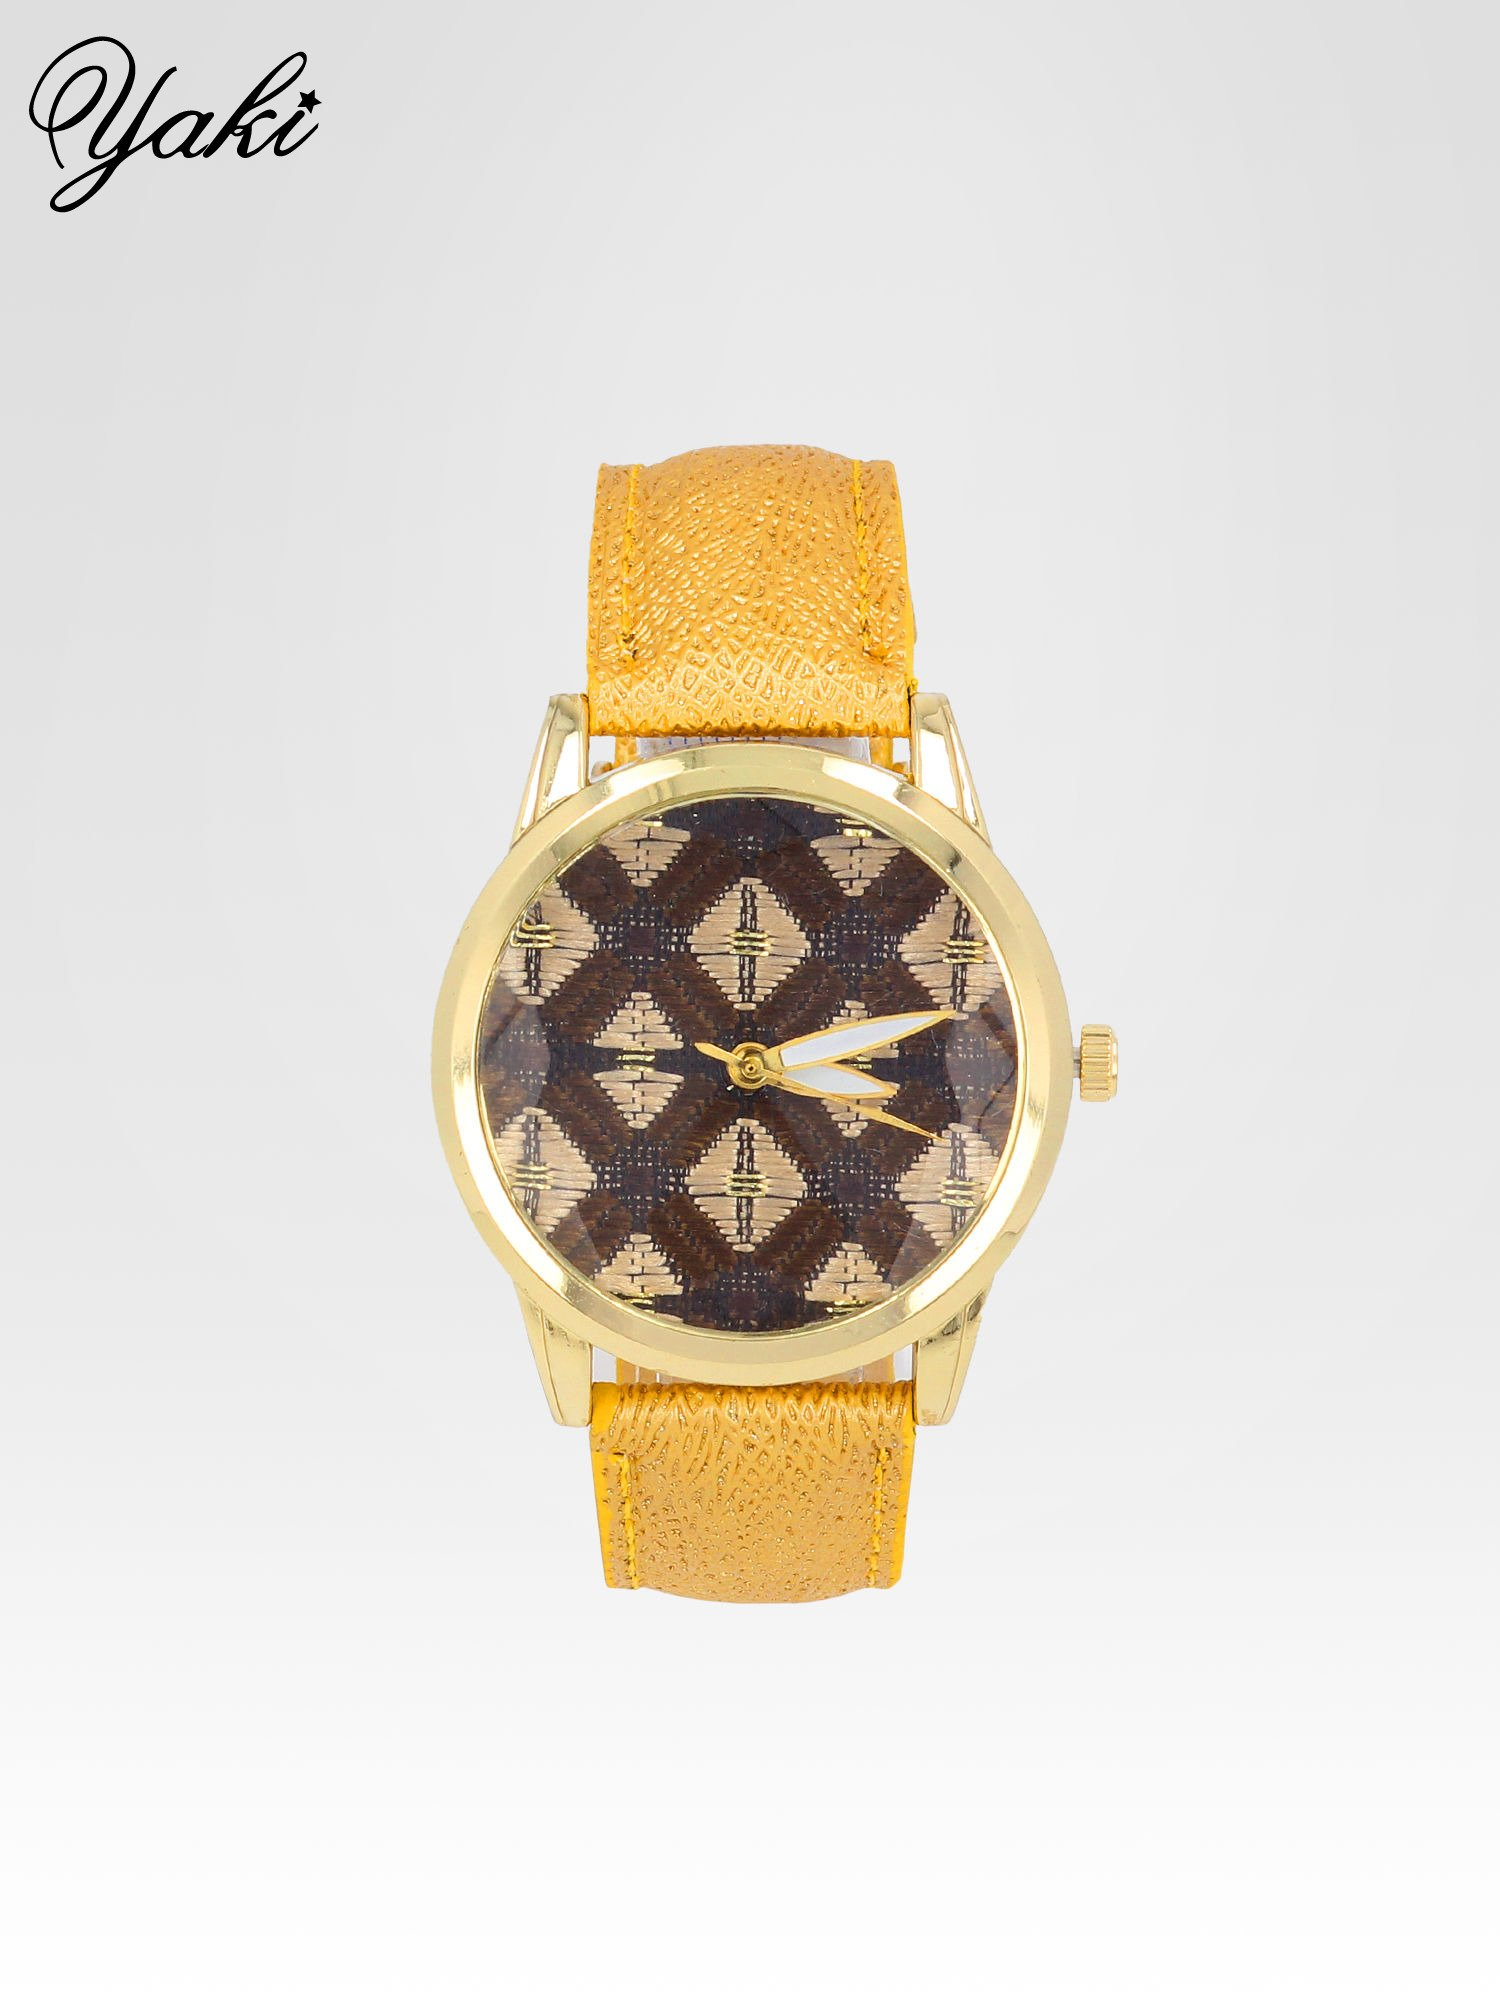 Żółty zegarek damski ze złotą kopertą i etno tarczą                                  zdj.                                  1